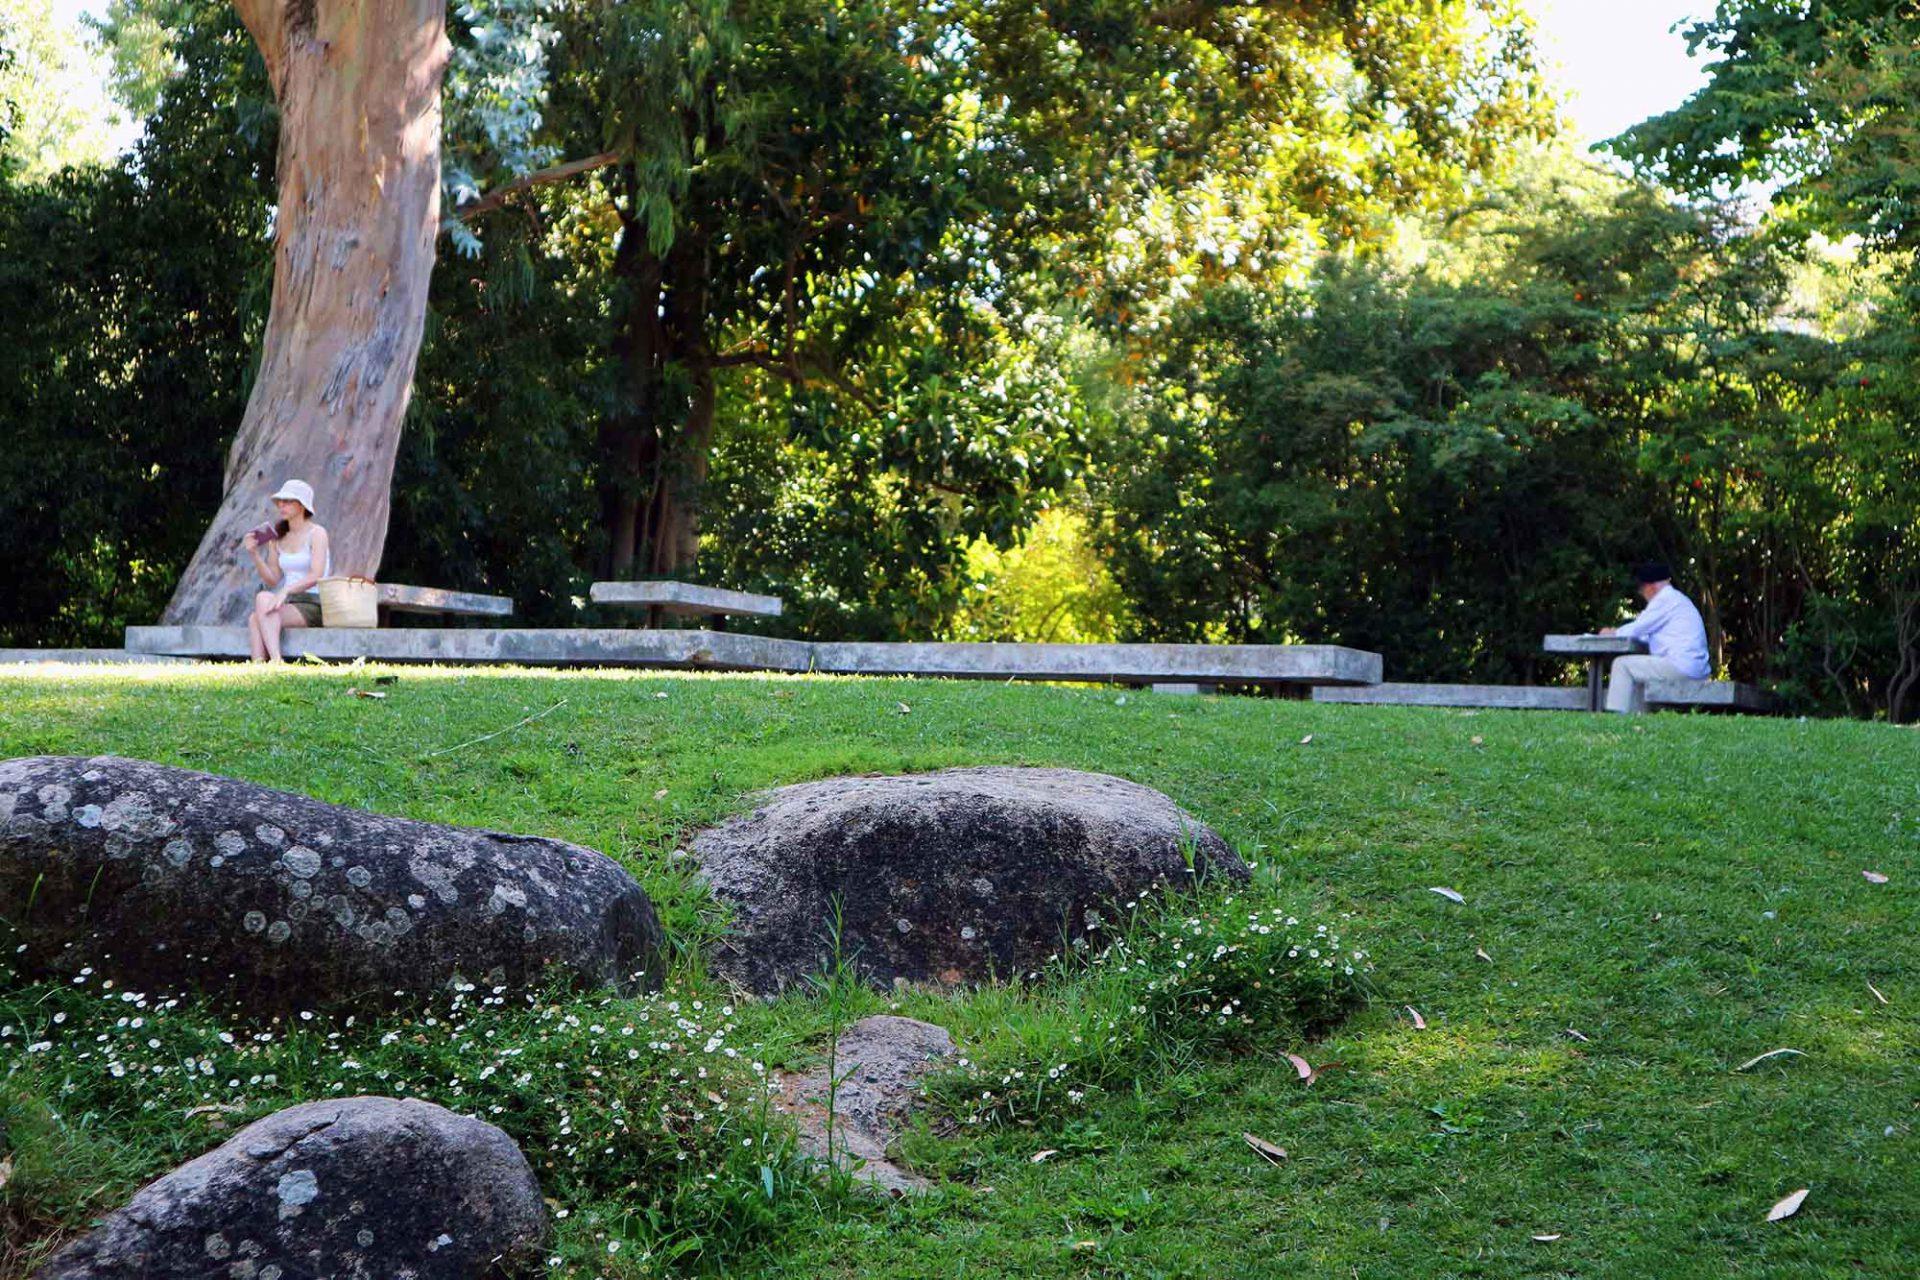 Der Park. Anstelle des heutigen Museumsparks eröffnete 1884 Lissabons erster Zoologischer Garten. Später befanden sich hier zunächst eine Pferderennbahn und schließlich ein beliebter öffentlicher Park. 1957 wurde ein großer Bereich an die Calouste Gulbenkian Foundation veräußert. Eine Landschaftsschutzzone wurde von Beginn an fest im Park eingeplant.